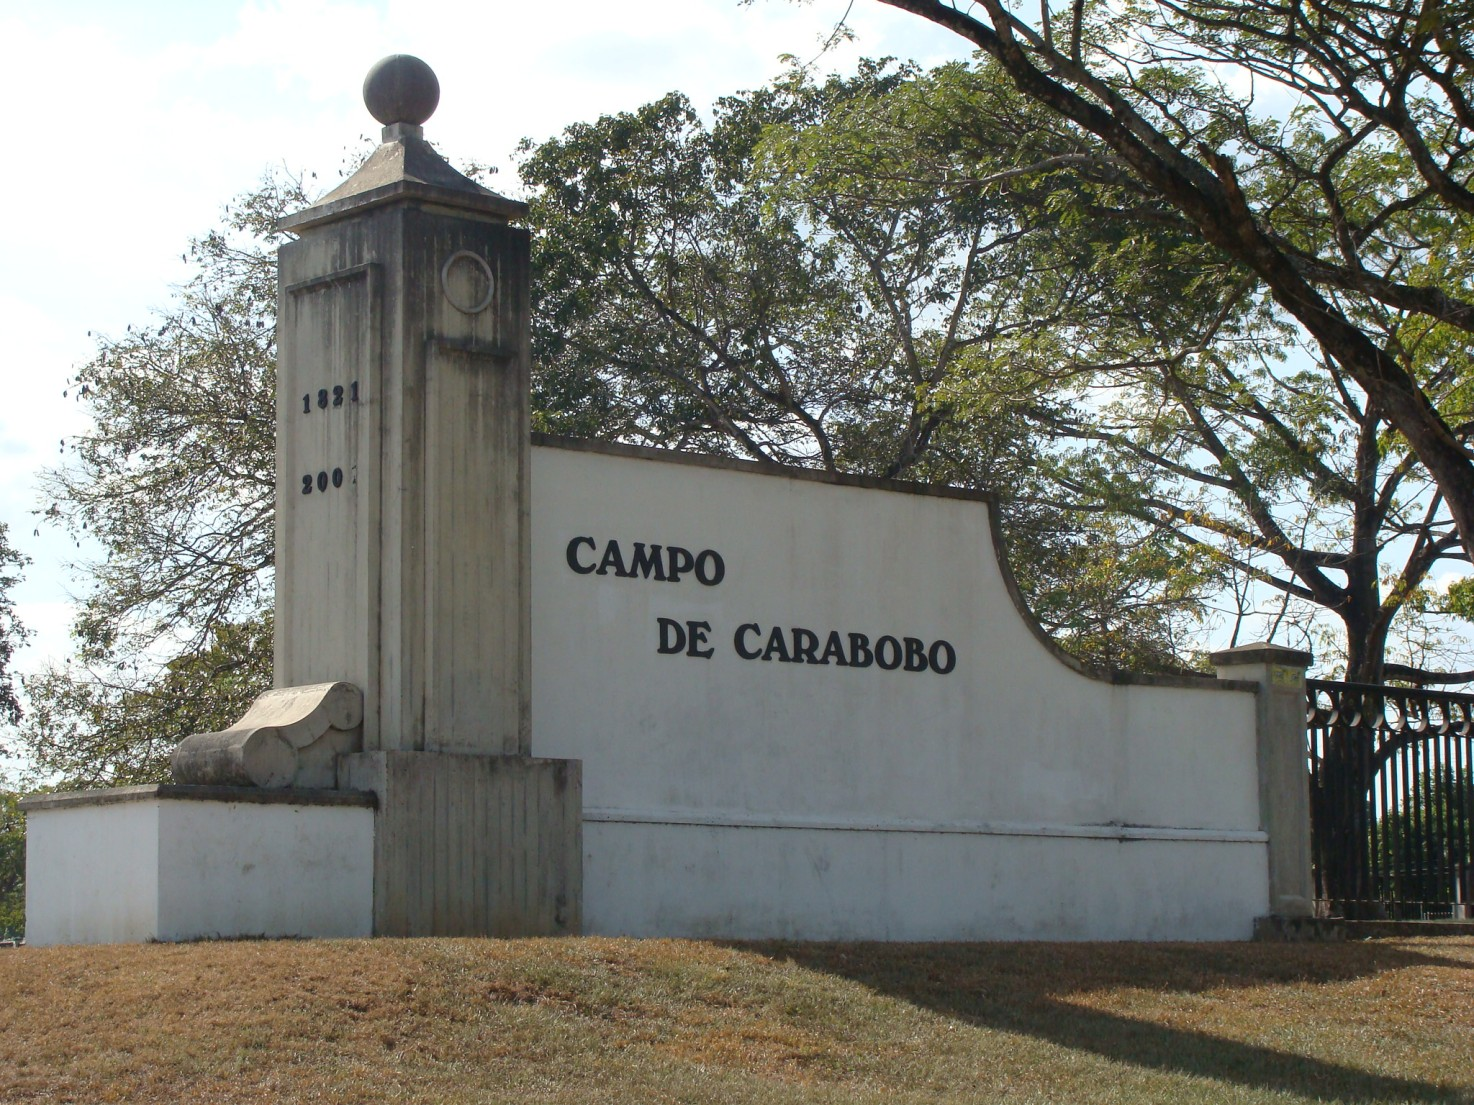 entrada delcampo